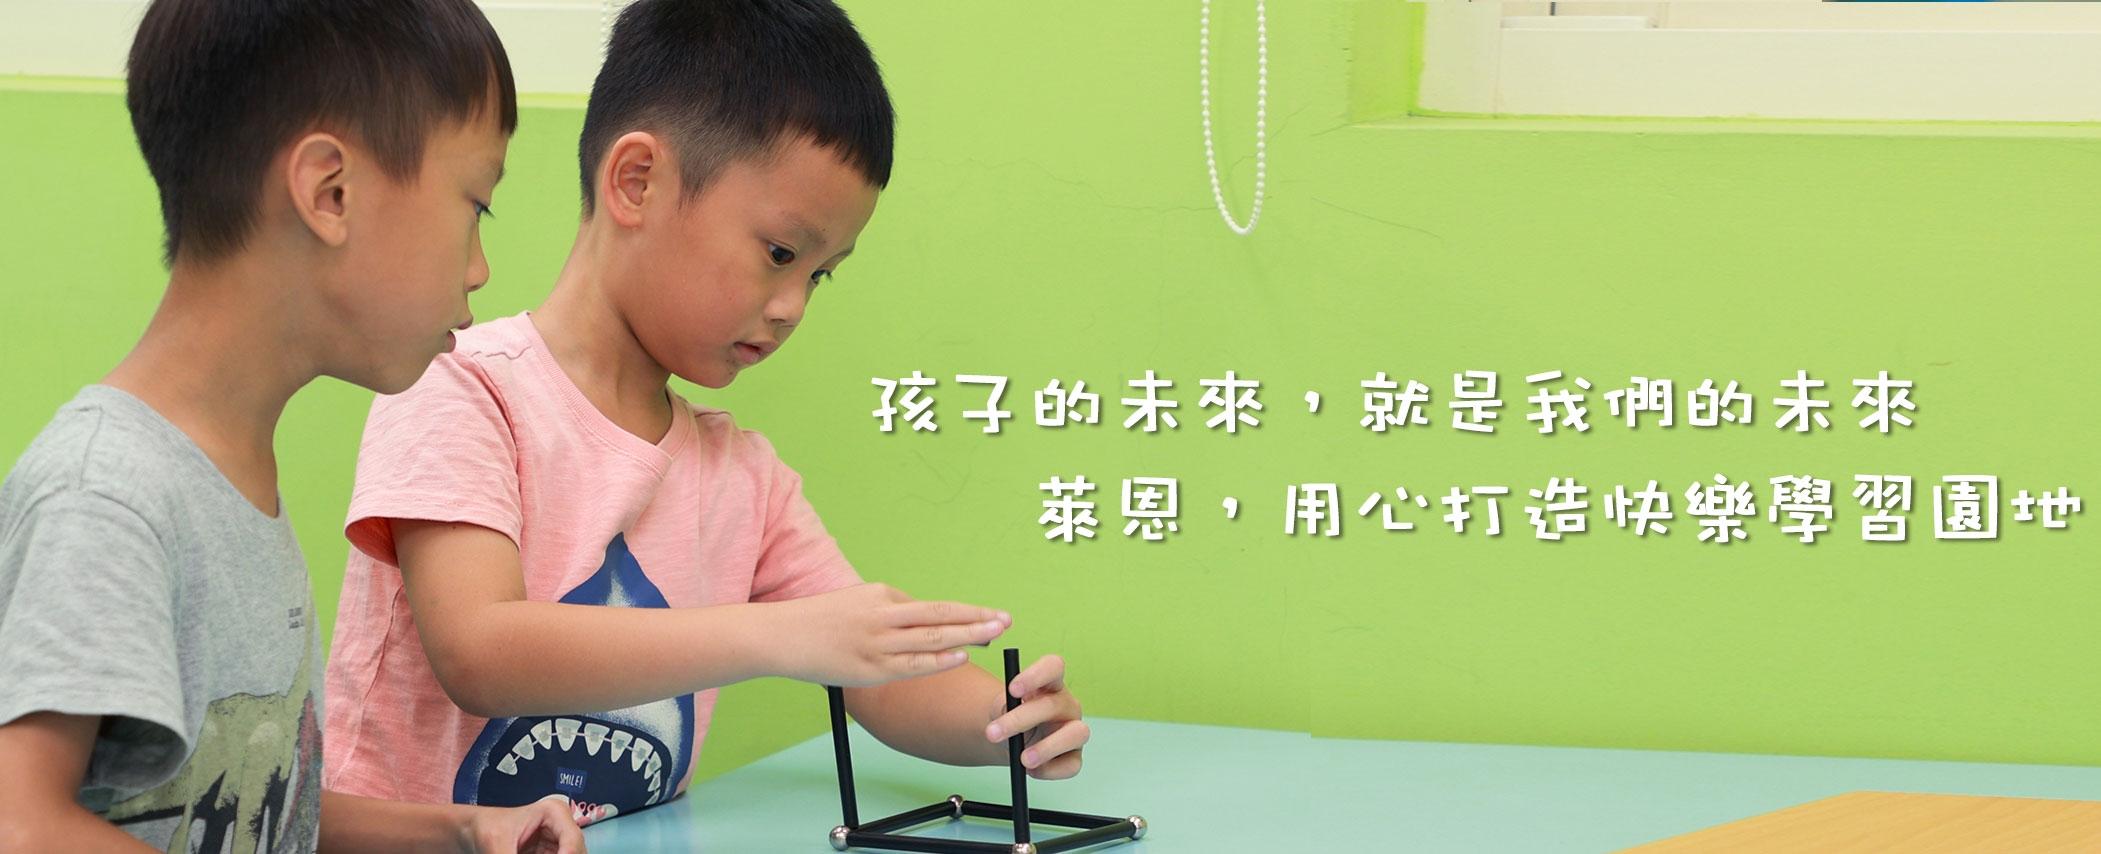 孩子的未來,就是我們的未來。萊恩,用心打造快樂學習園地